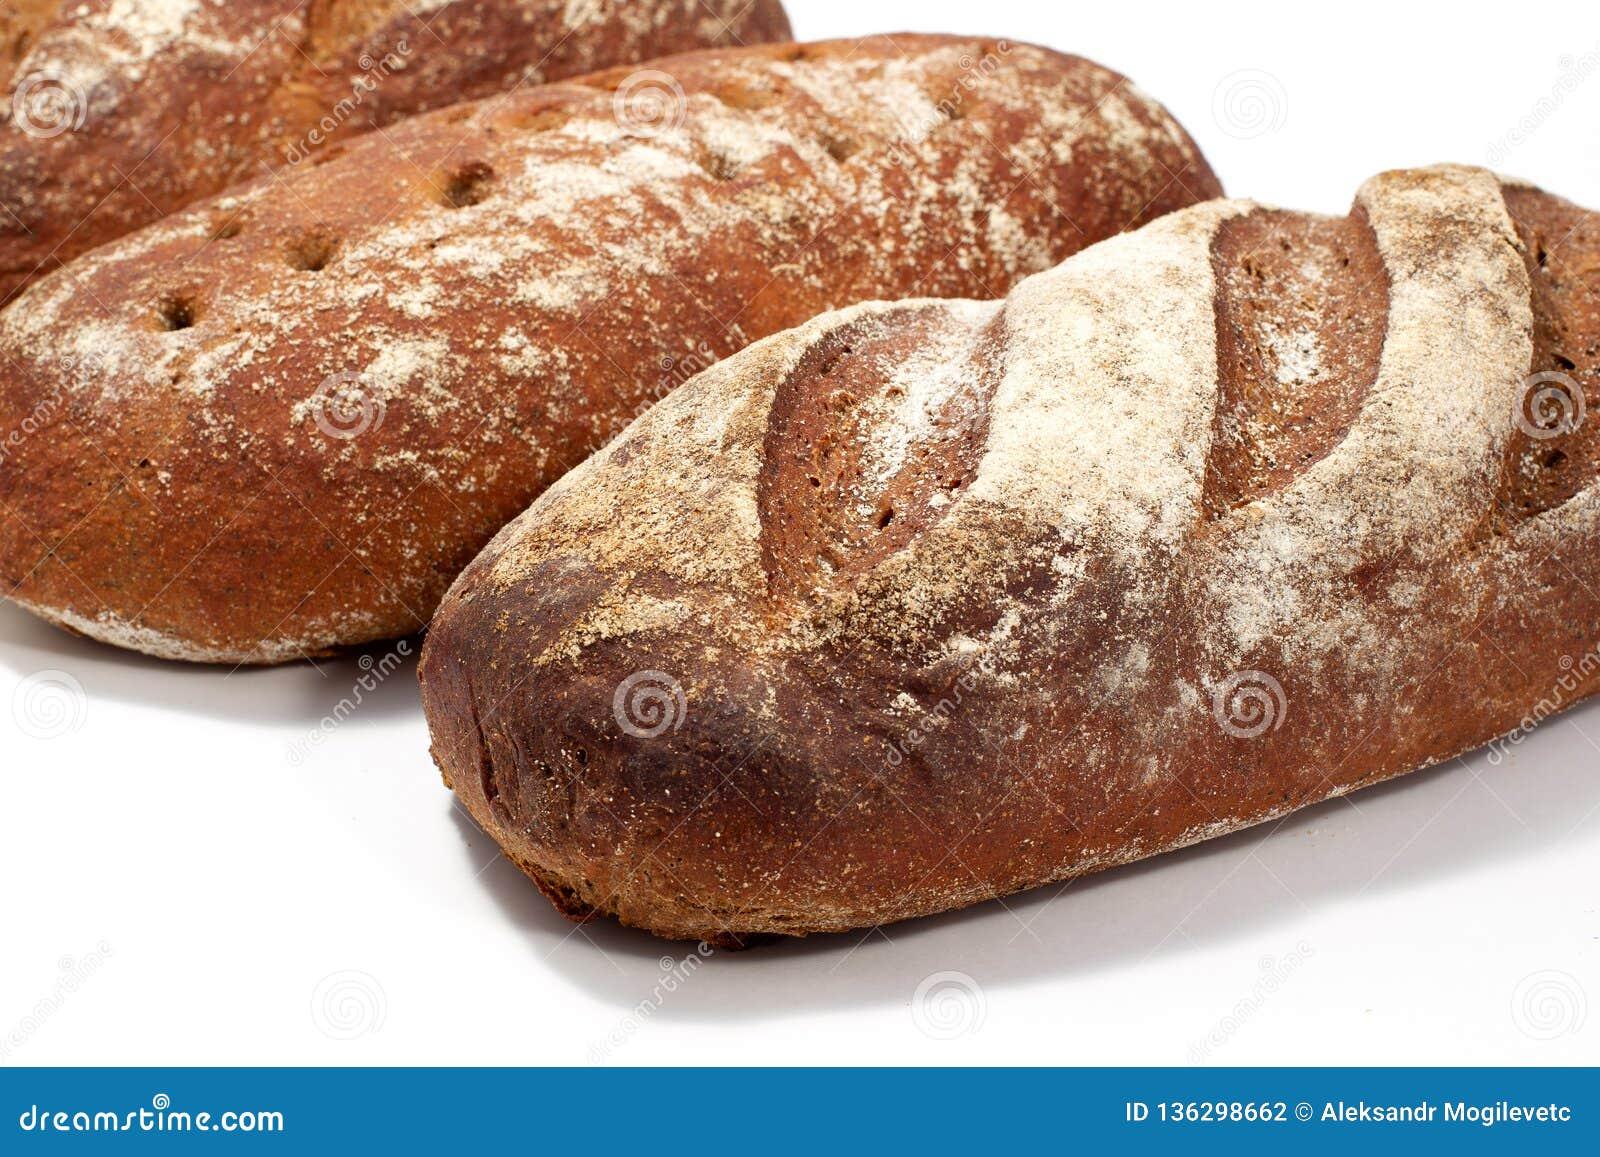 Chleb - raye sourdough chleb, kilka bochenki w pobliżu Diagonalny skład